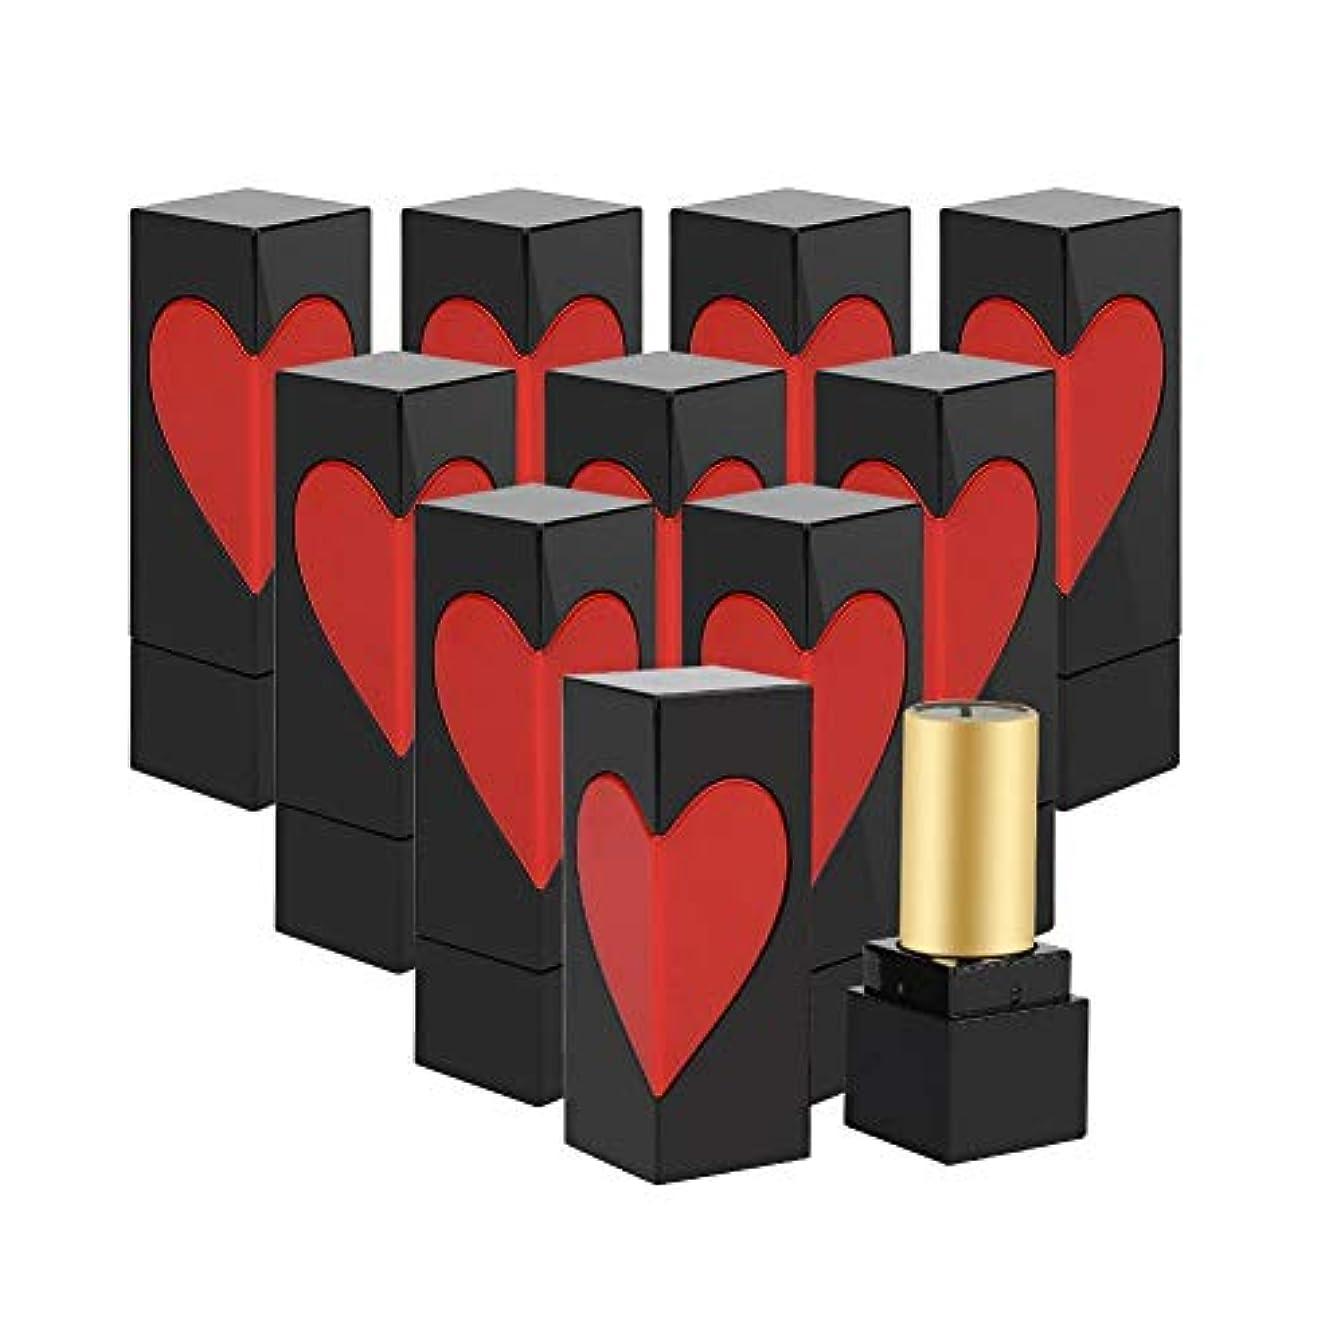 スカープ気質レルム空口紅チューブ、かわいい 手作りリップスティックコンテナ 美しい外観 プラスチック製 口紅チューブ用 DIY用 2スタイル選べる(10枚)